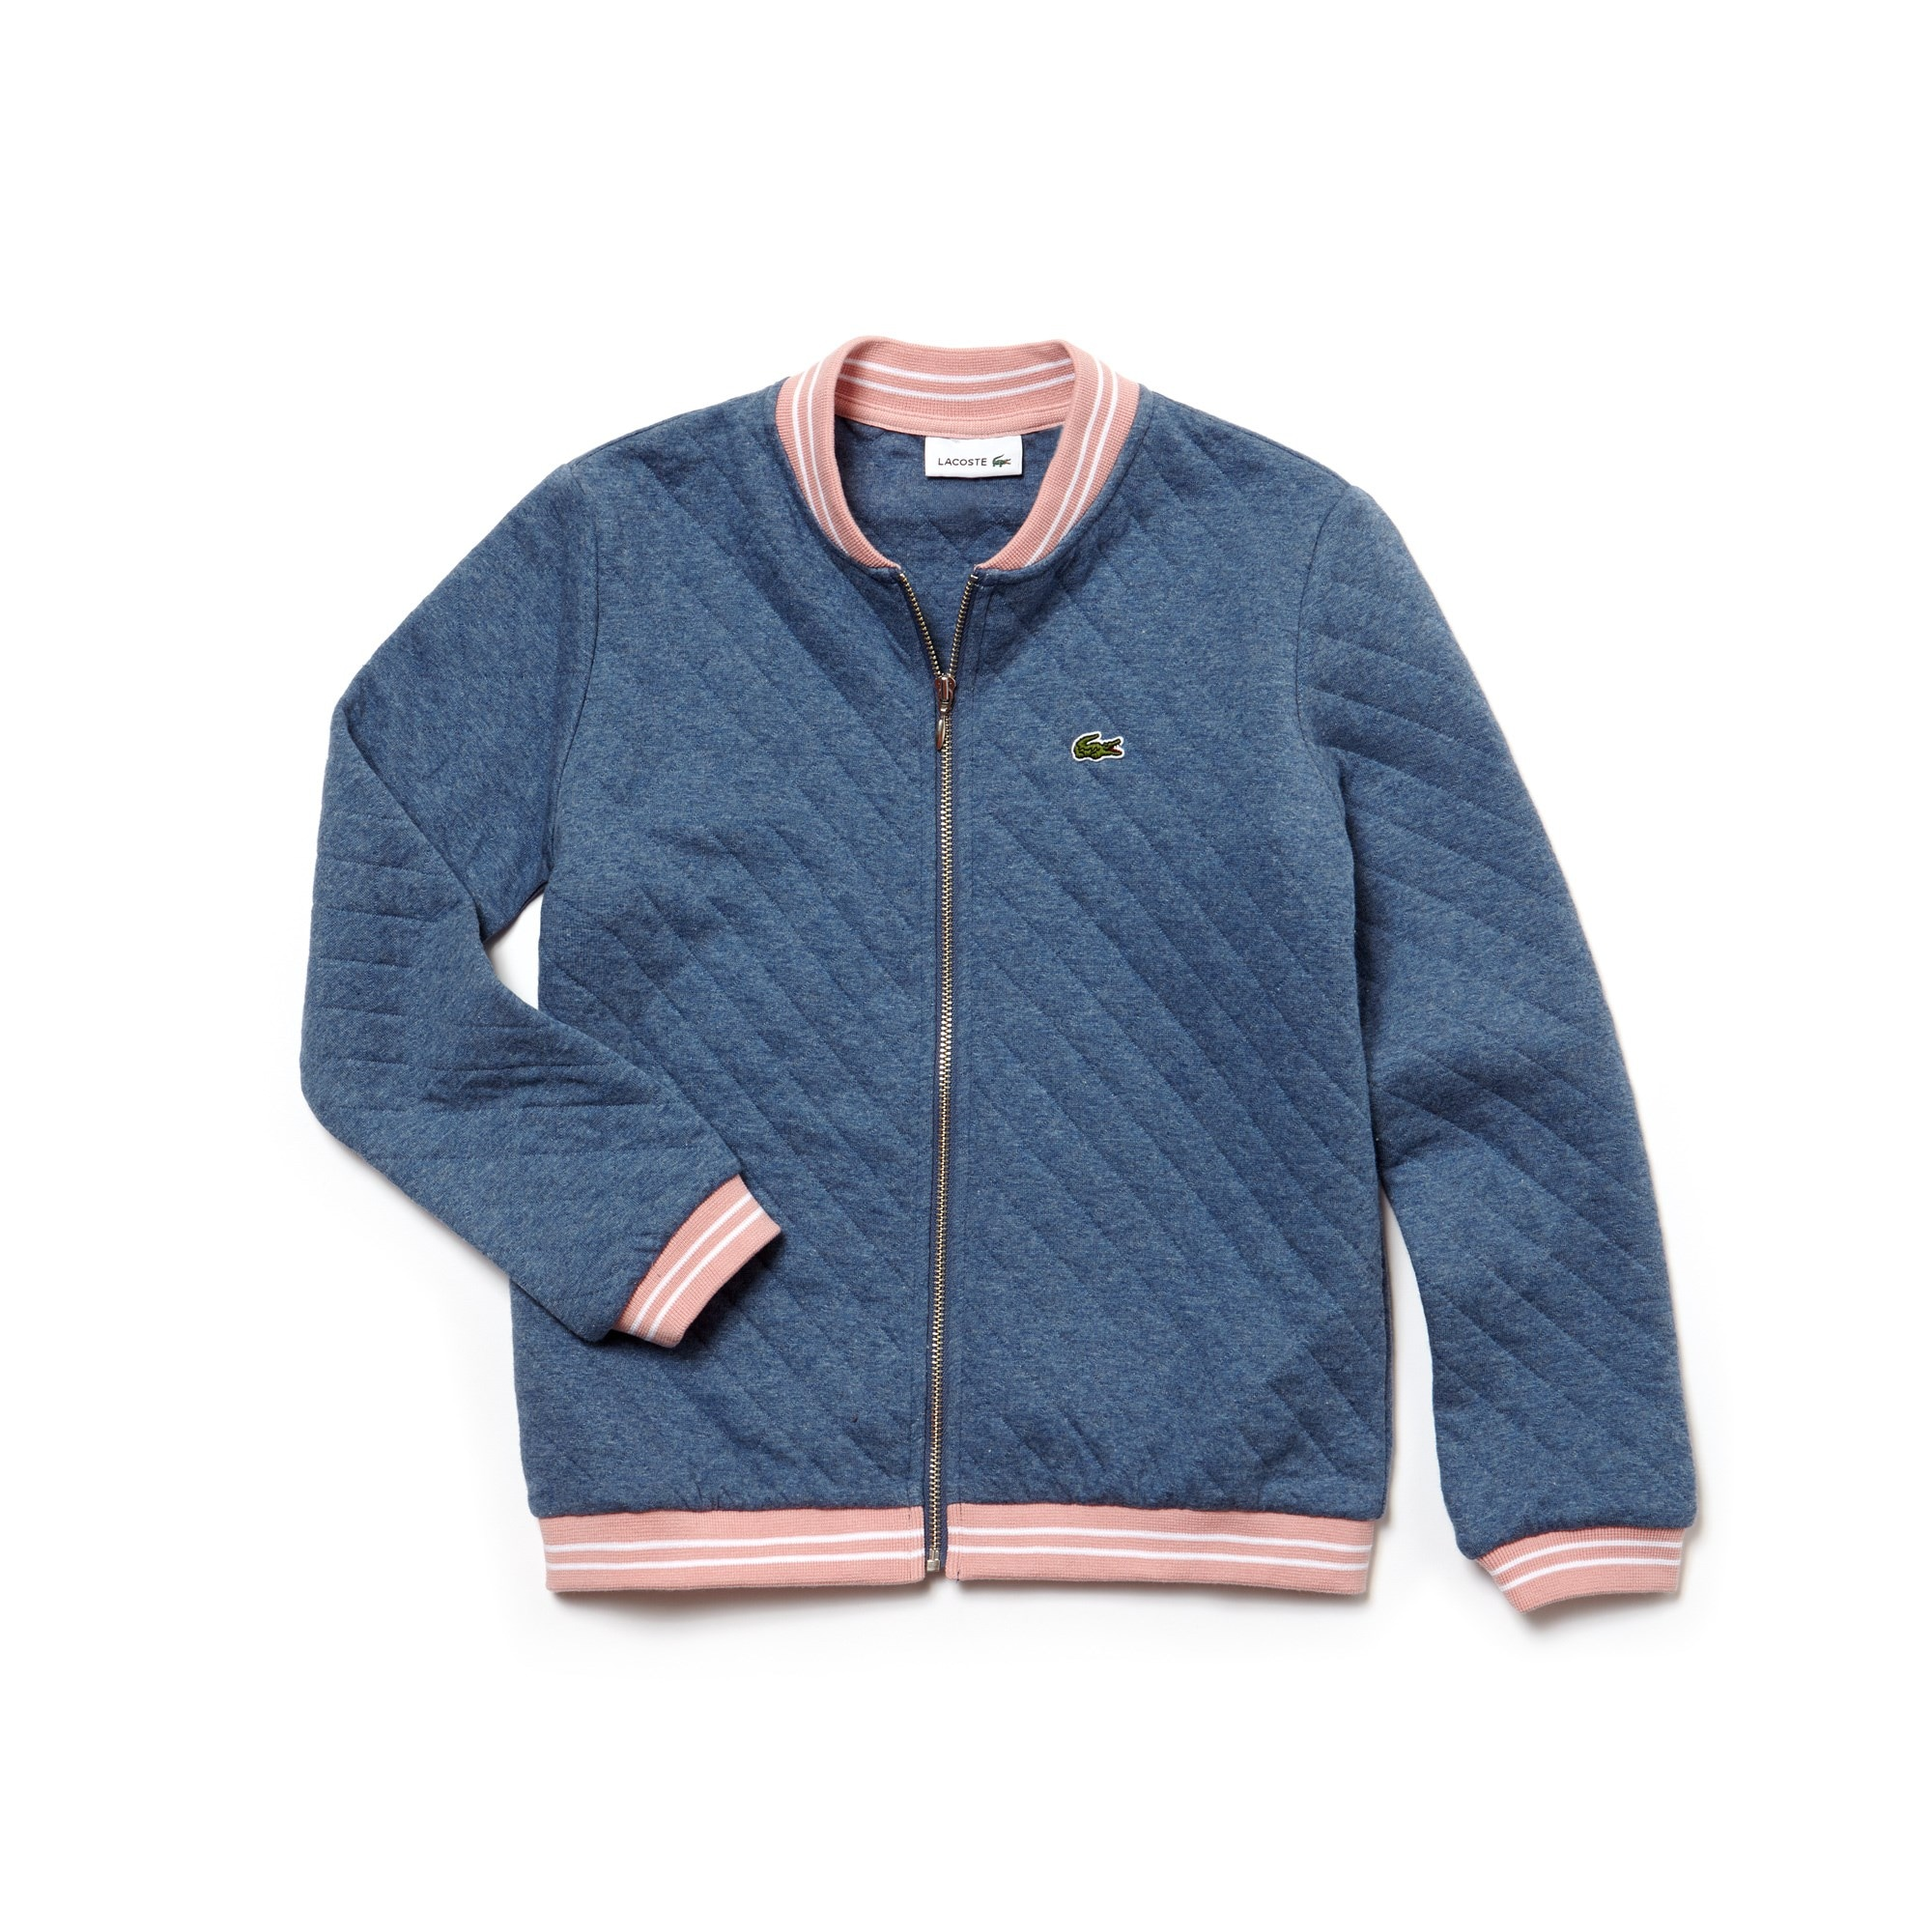 Sweatshirt Teddy Fille en coton matelassé avec finitions rayées